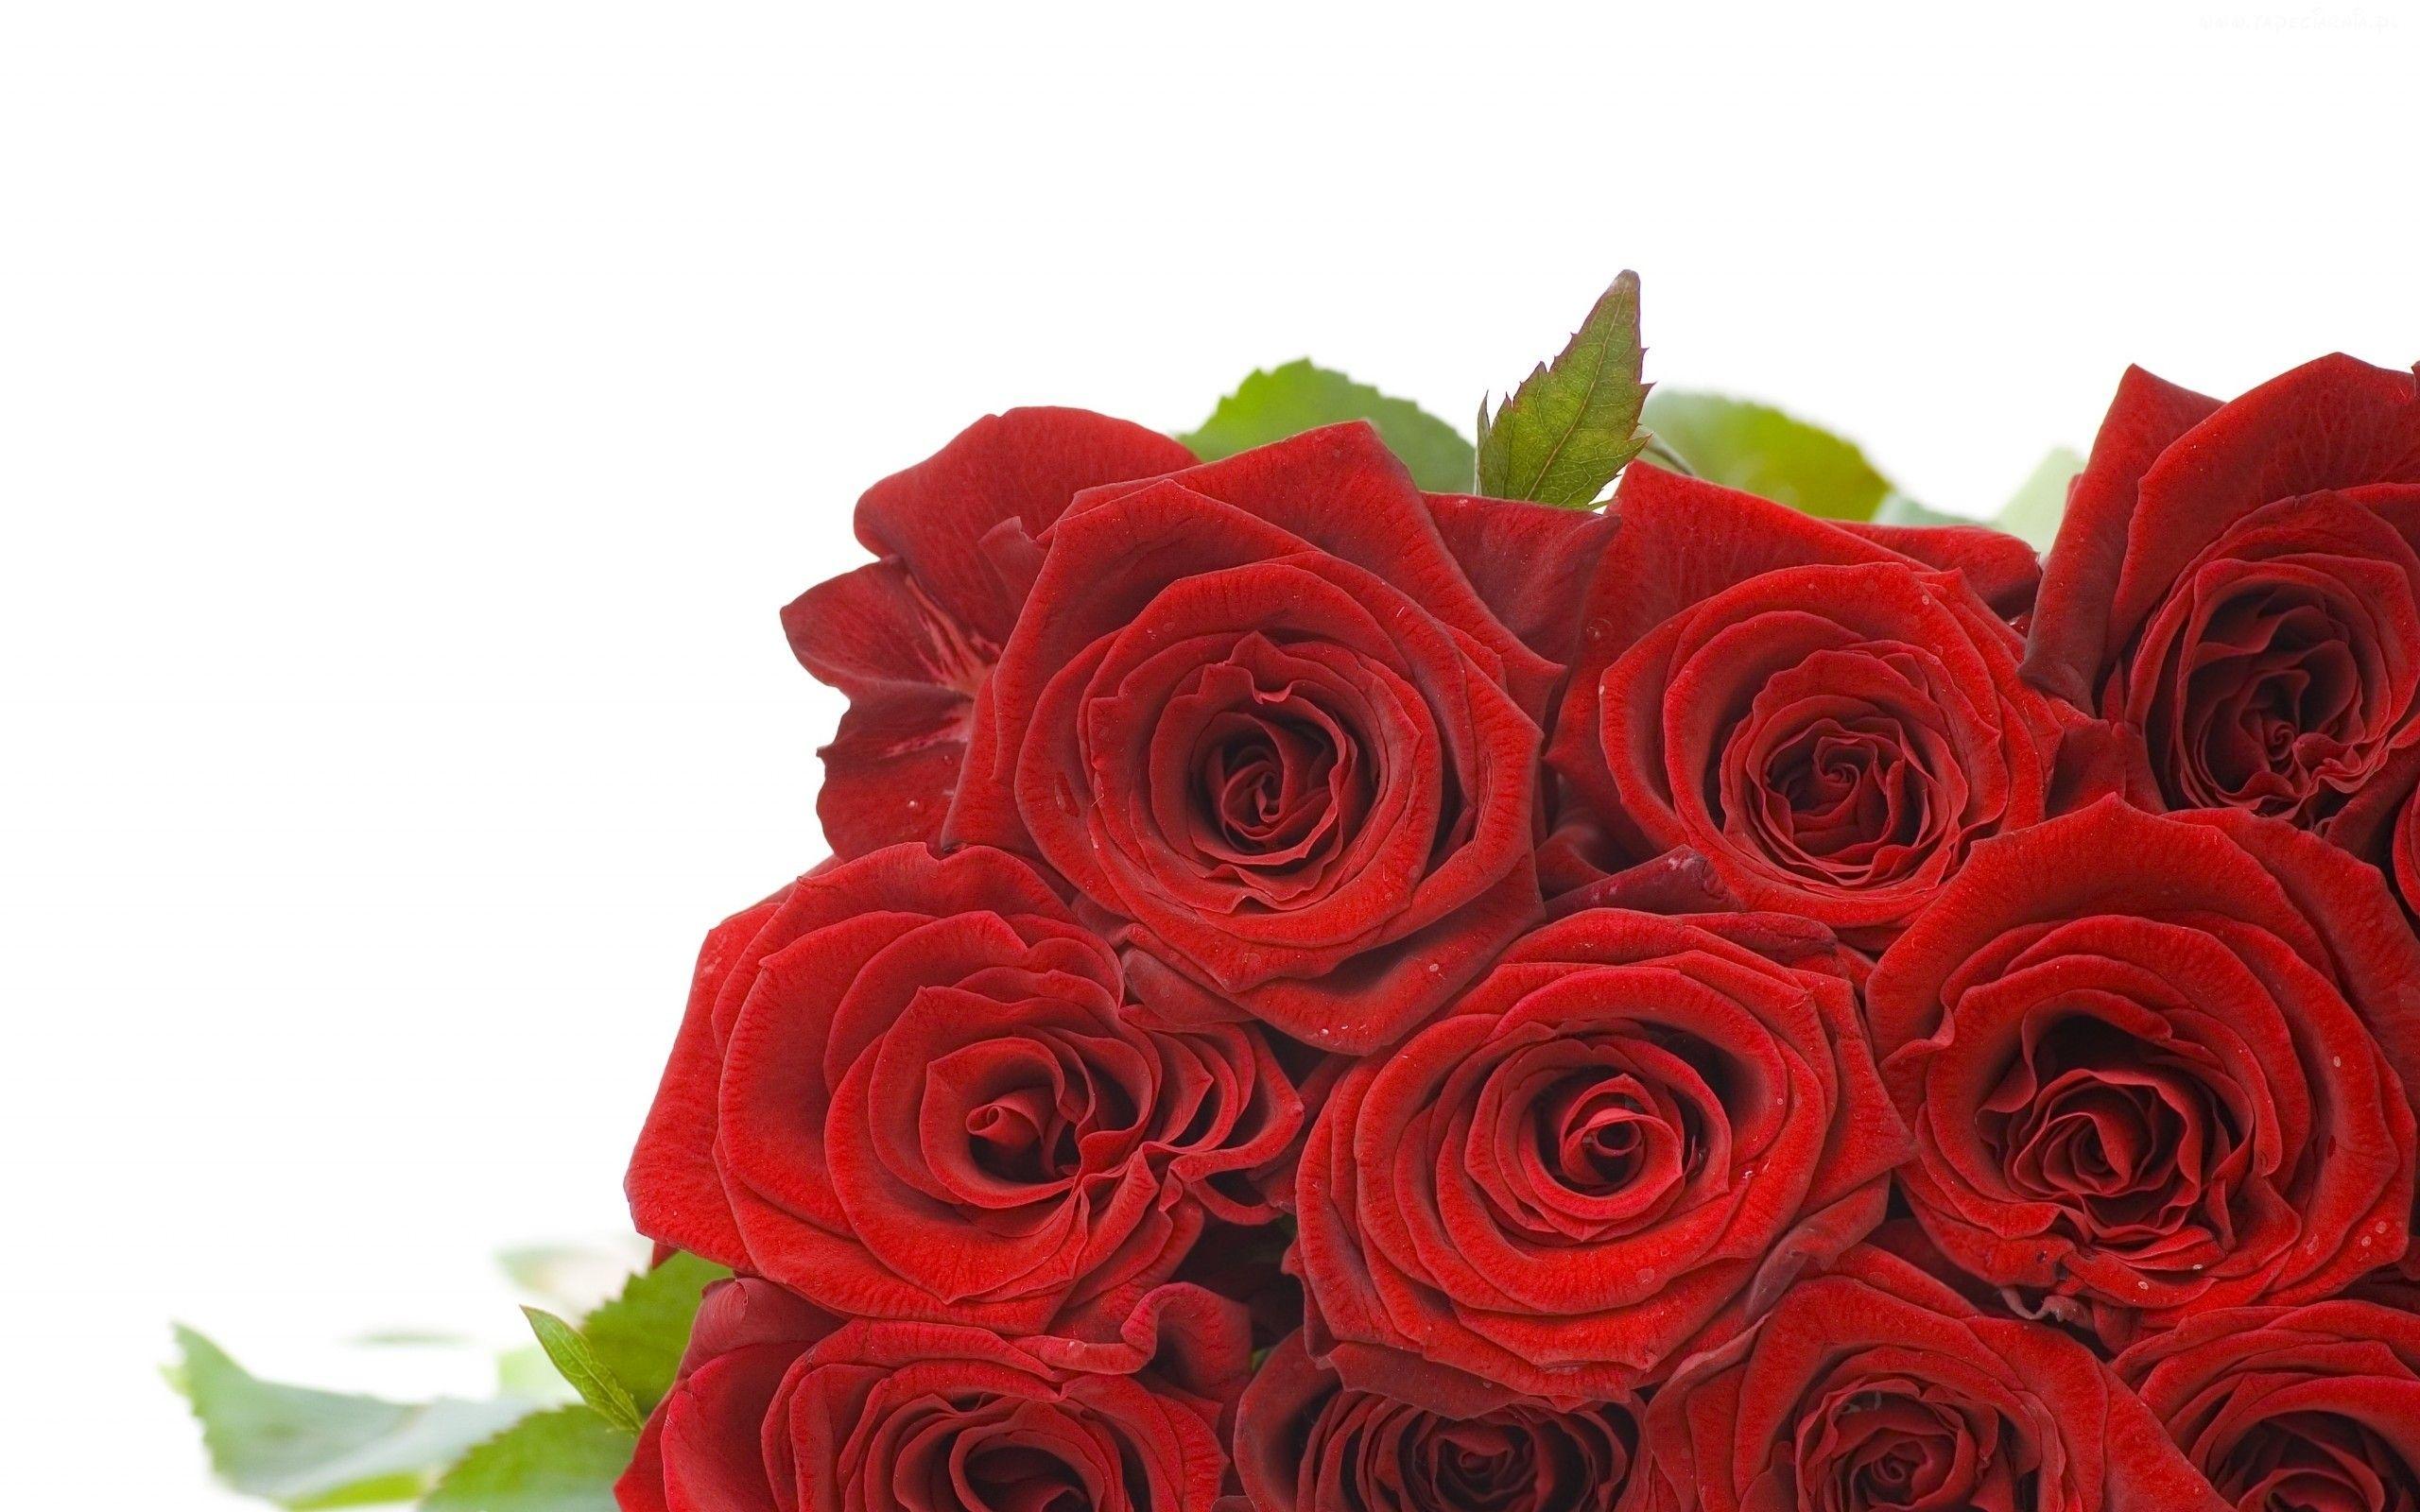 Edycja Tapety Bukiet Czerwonych Roz Tapety Tapeta Zdjecia Tapety Na Pulpit Flowers Bouquet Rose